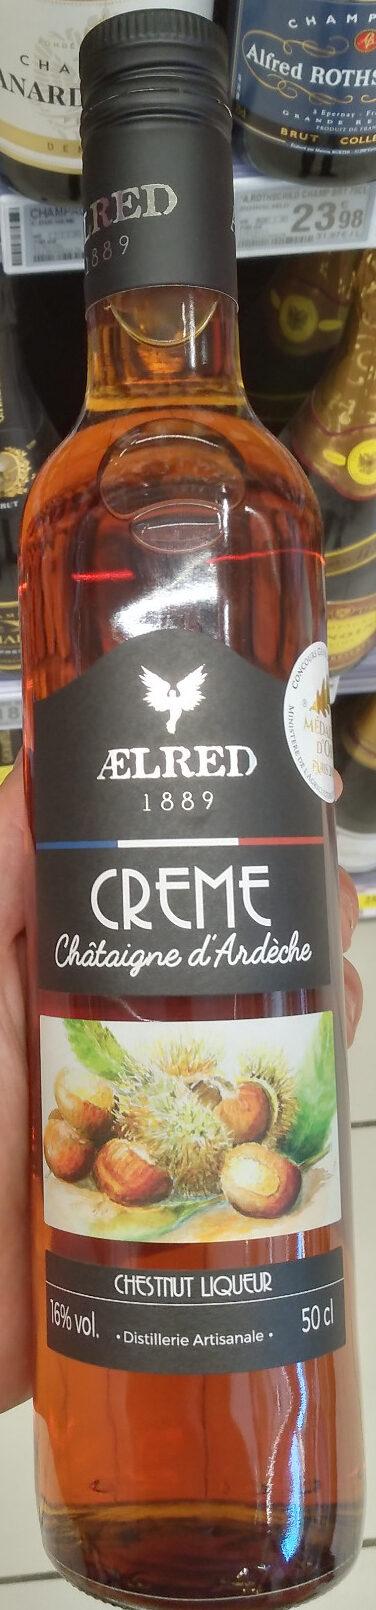 Crème de châtaigne d'Ardèche - Produit - fr